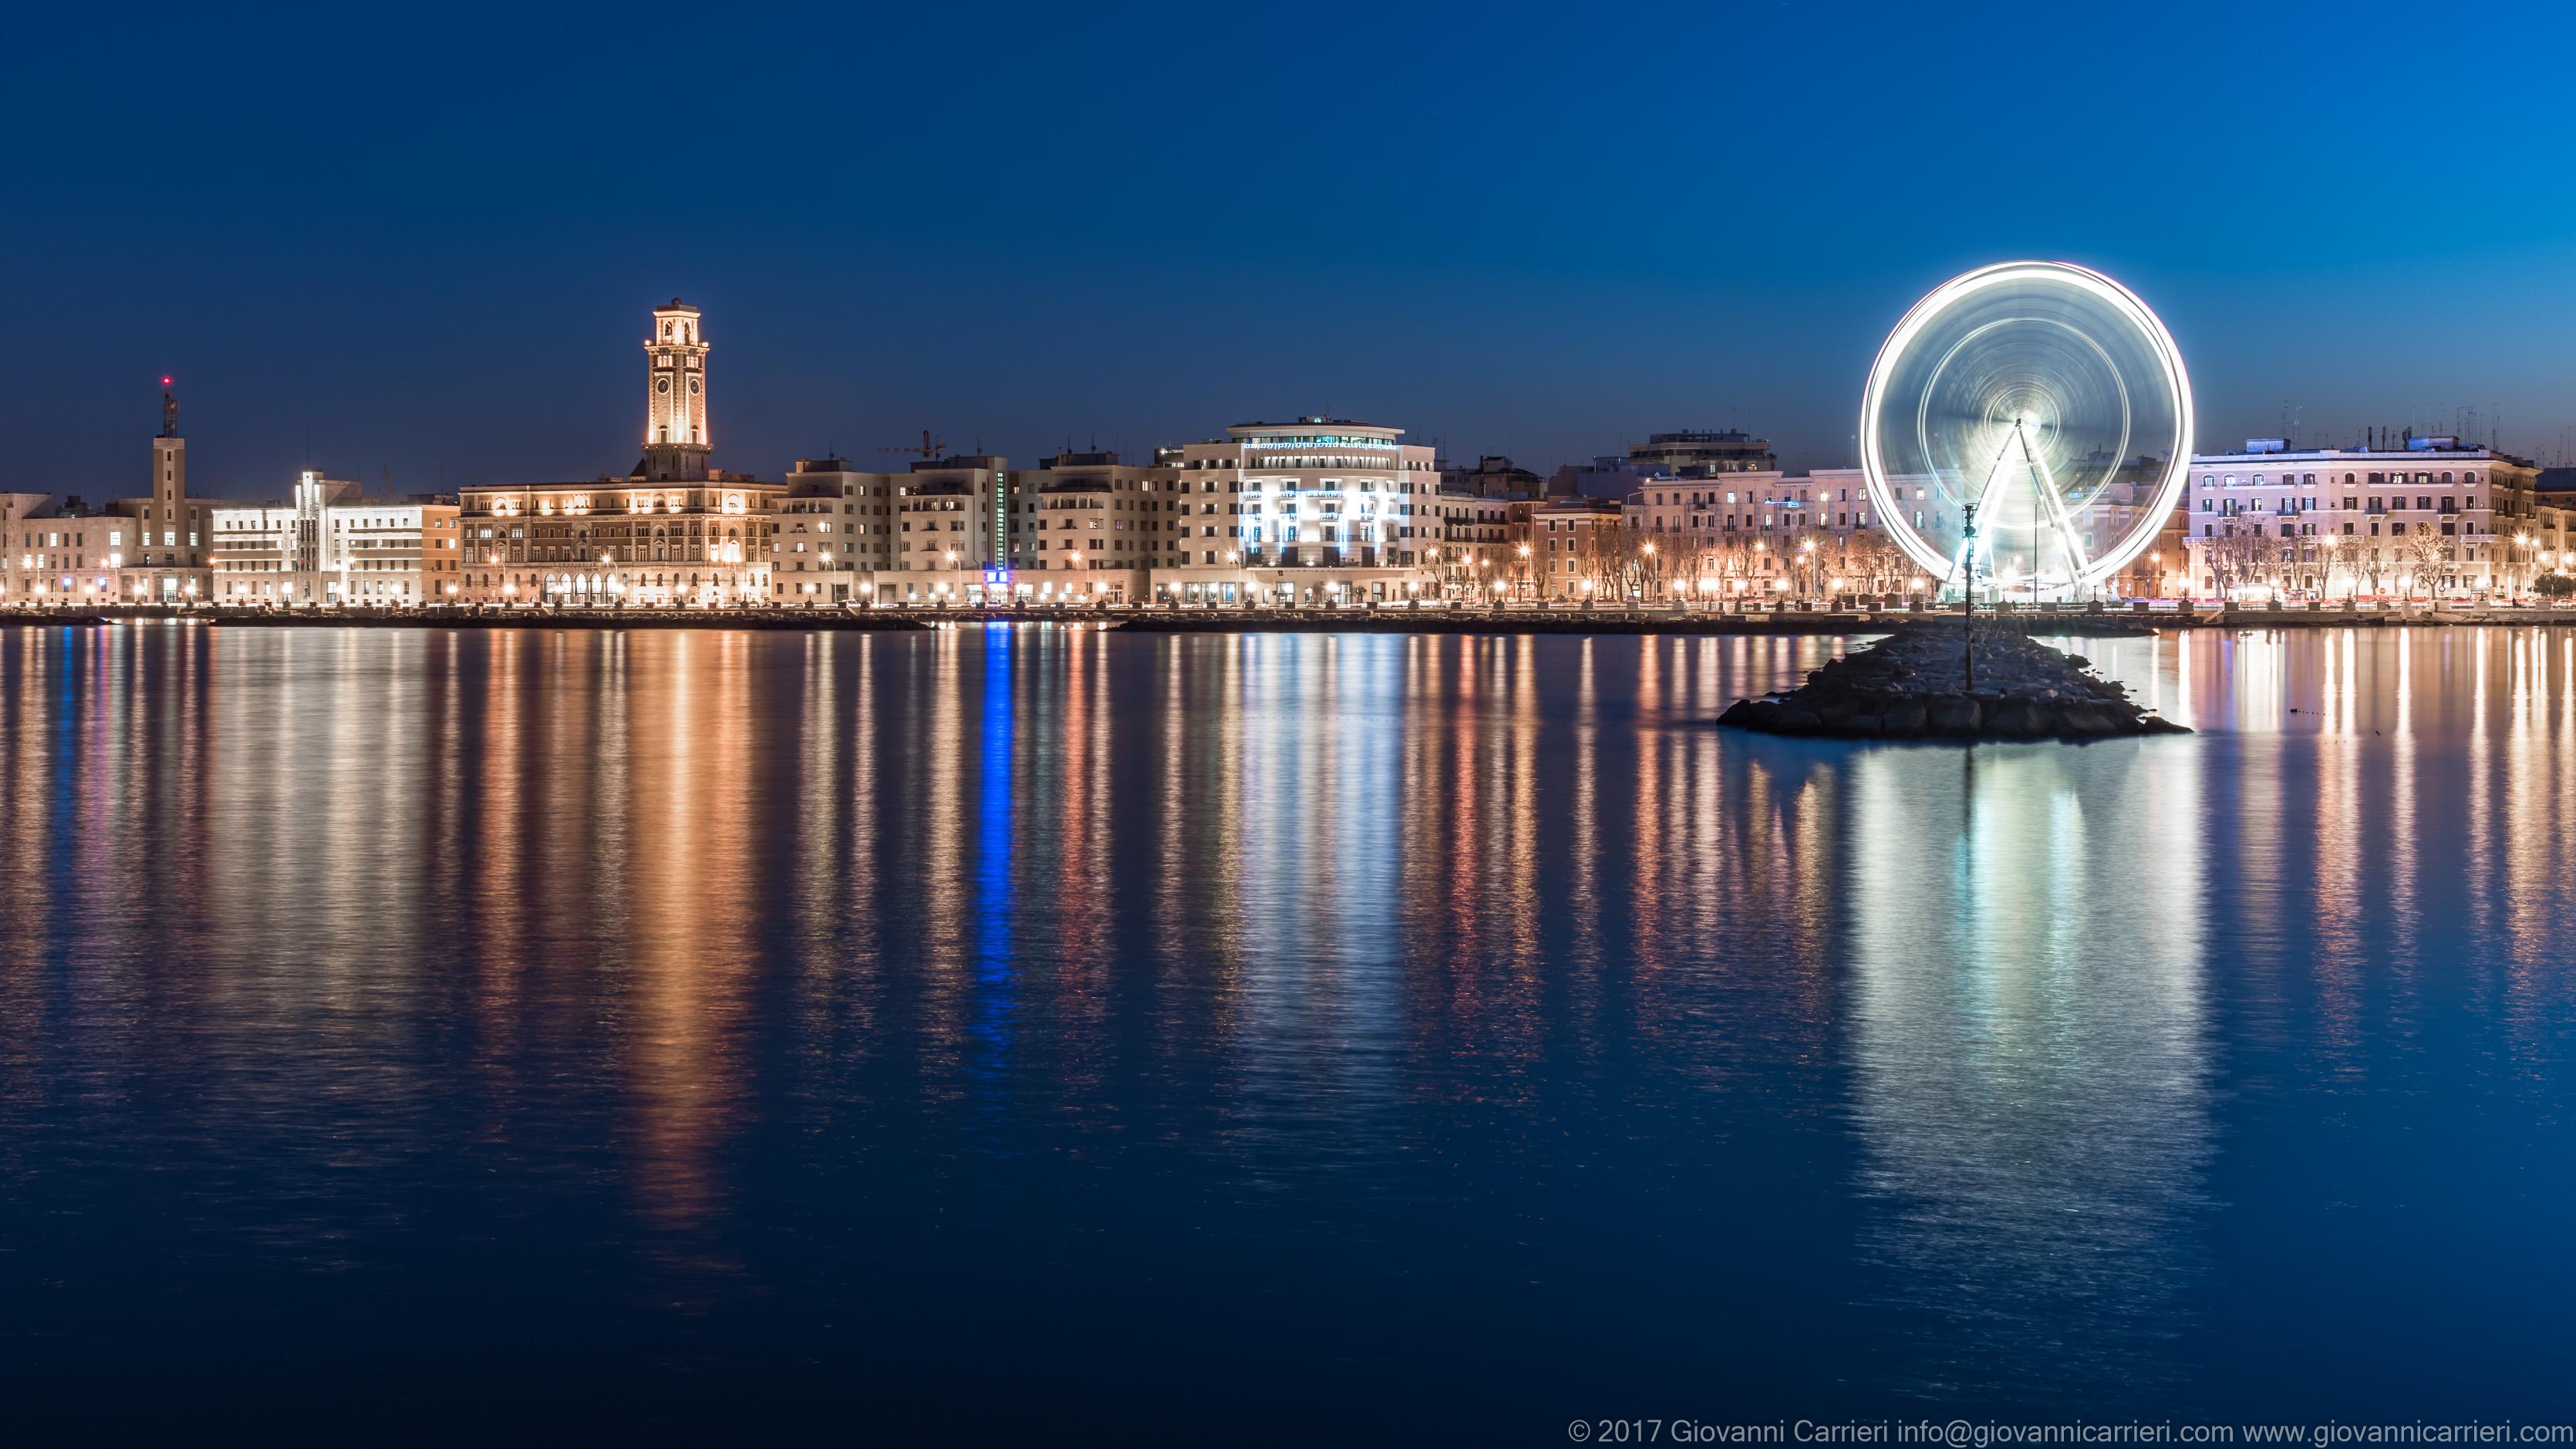 La ruota panoramica di Bari in occasione del natale 2017